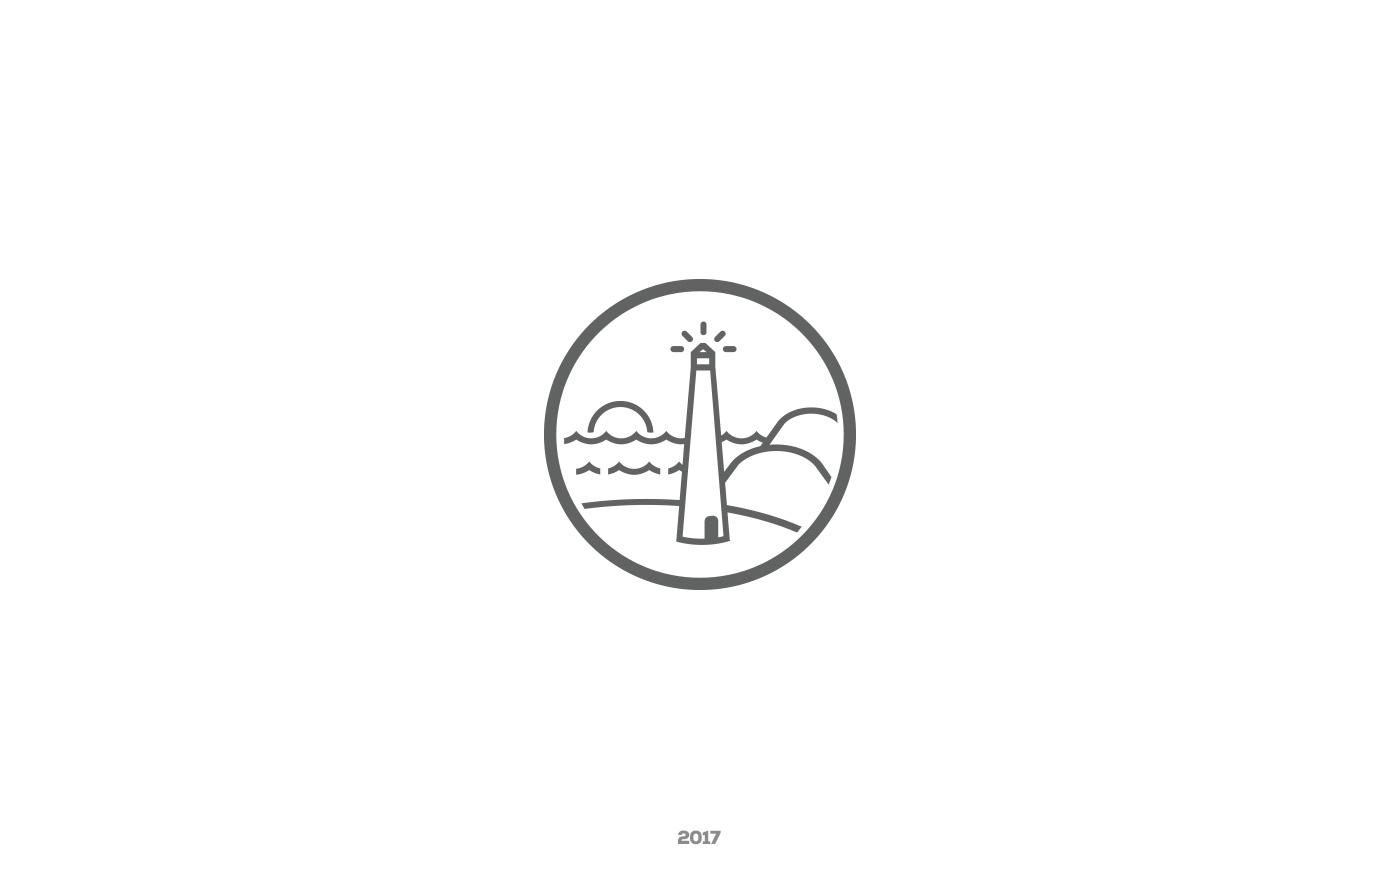 NECOCHEA-IDENTIDAD-2017-KUCHA-01